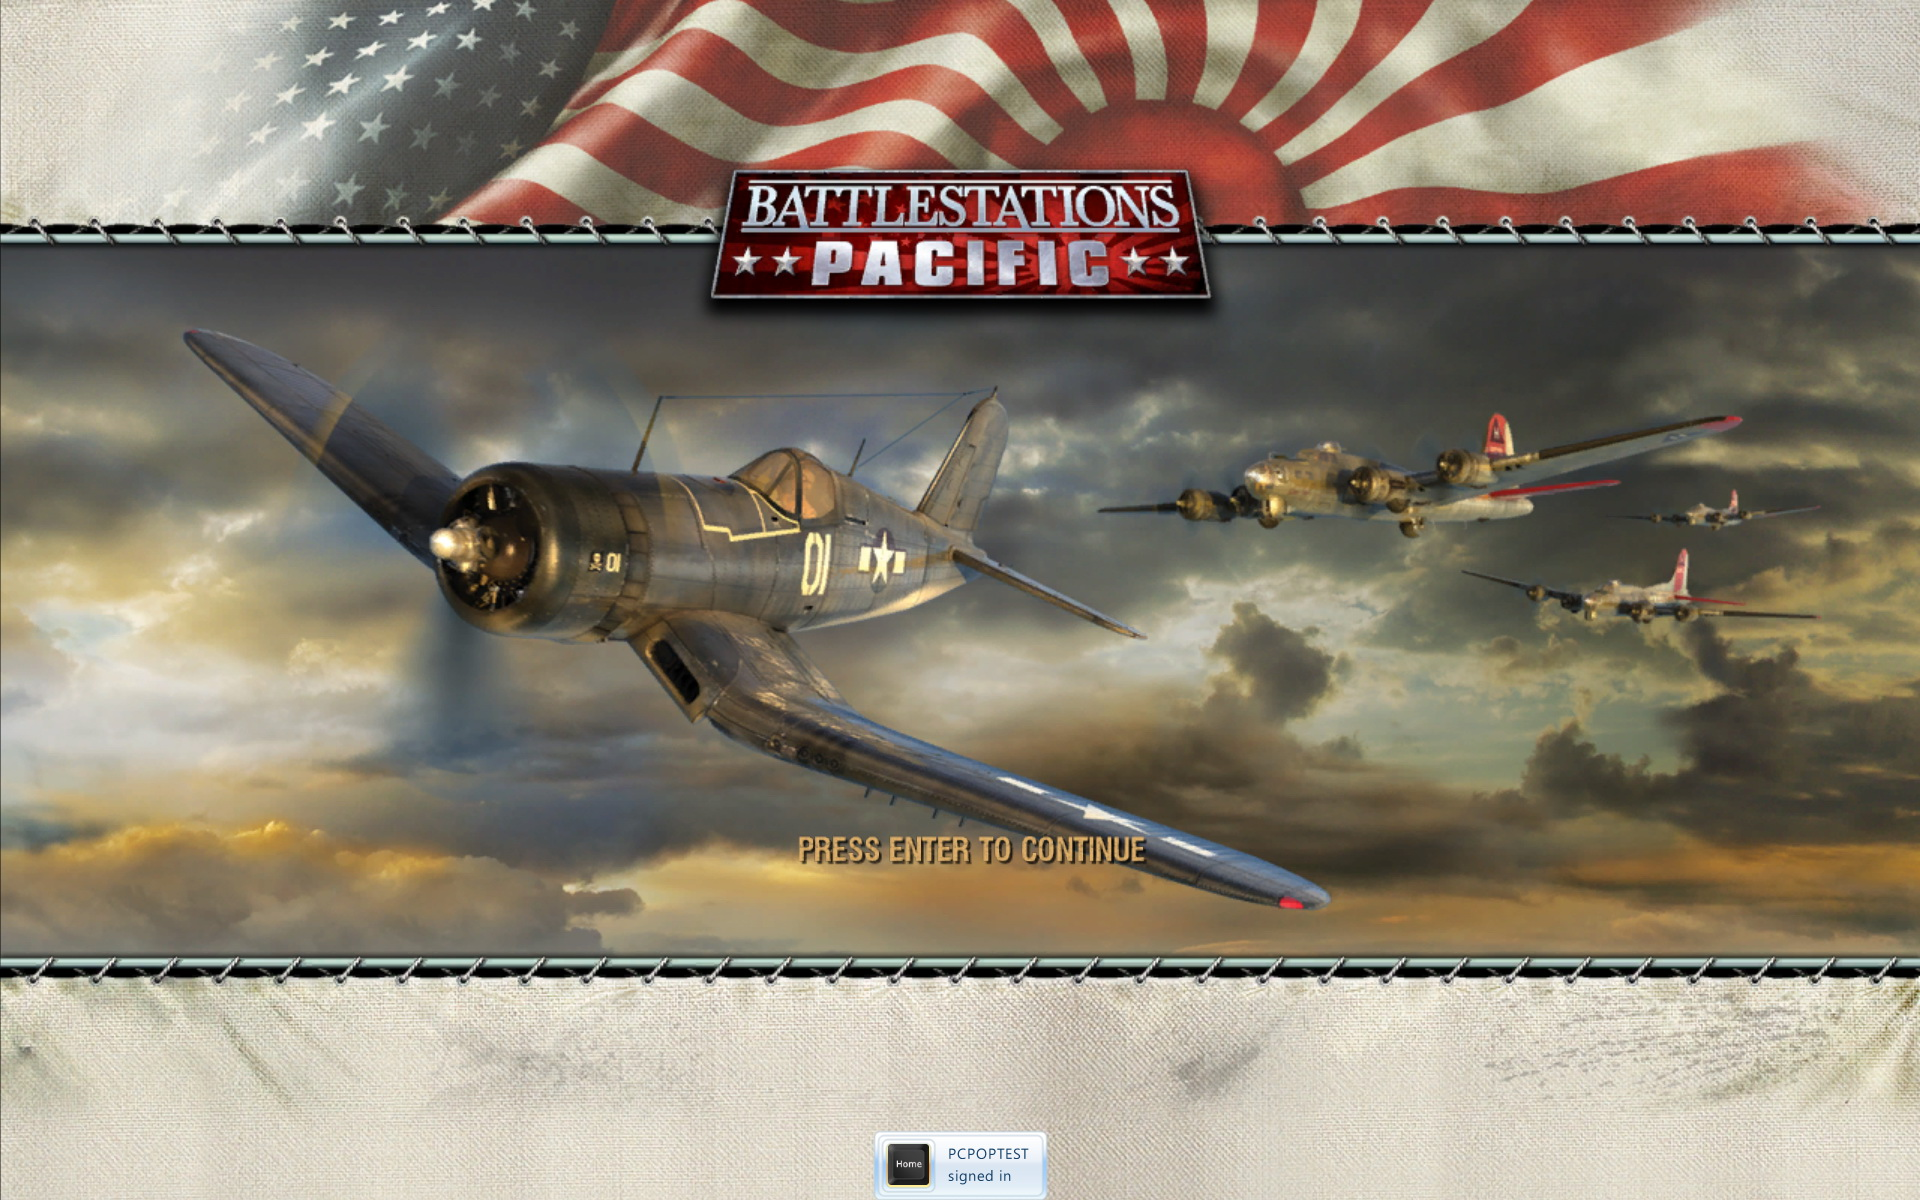 《中途岛战役:血战太平洋》试玩测试图片69